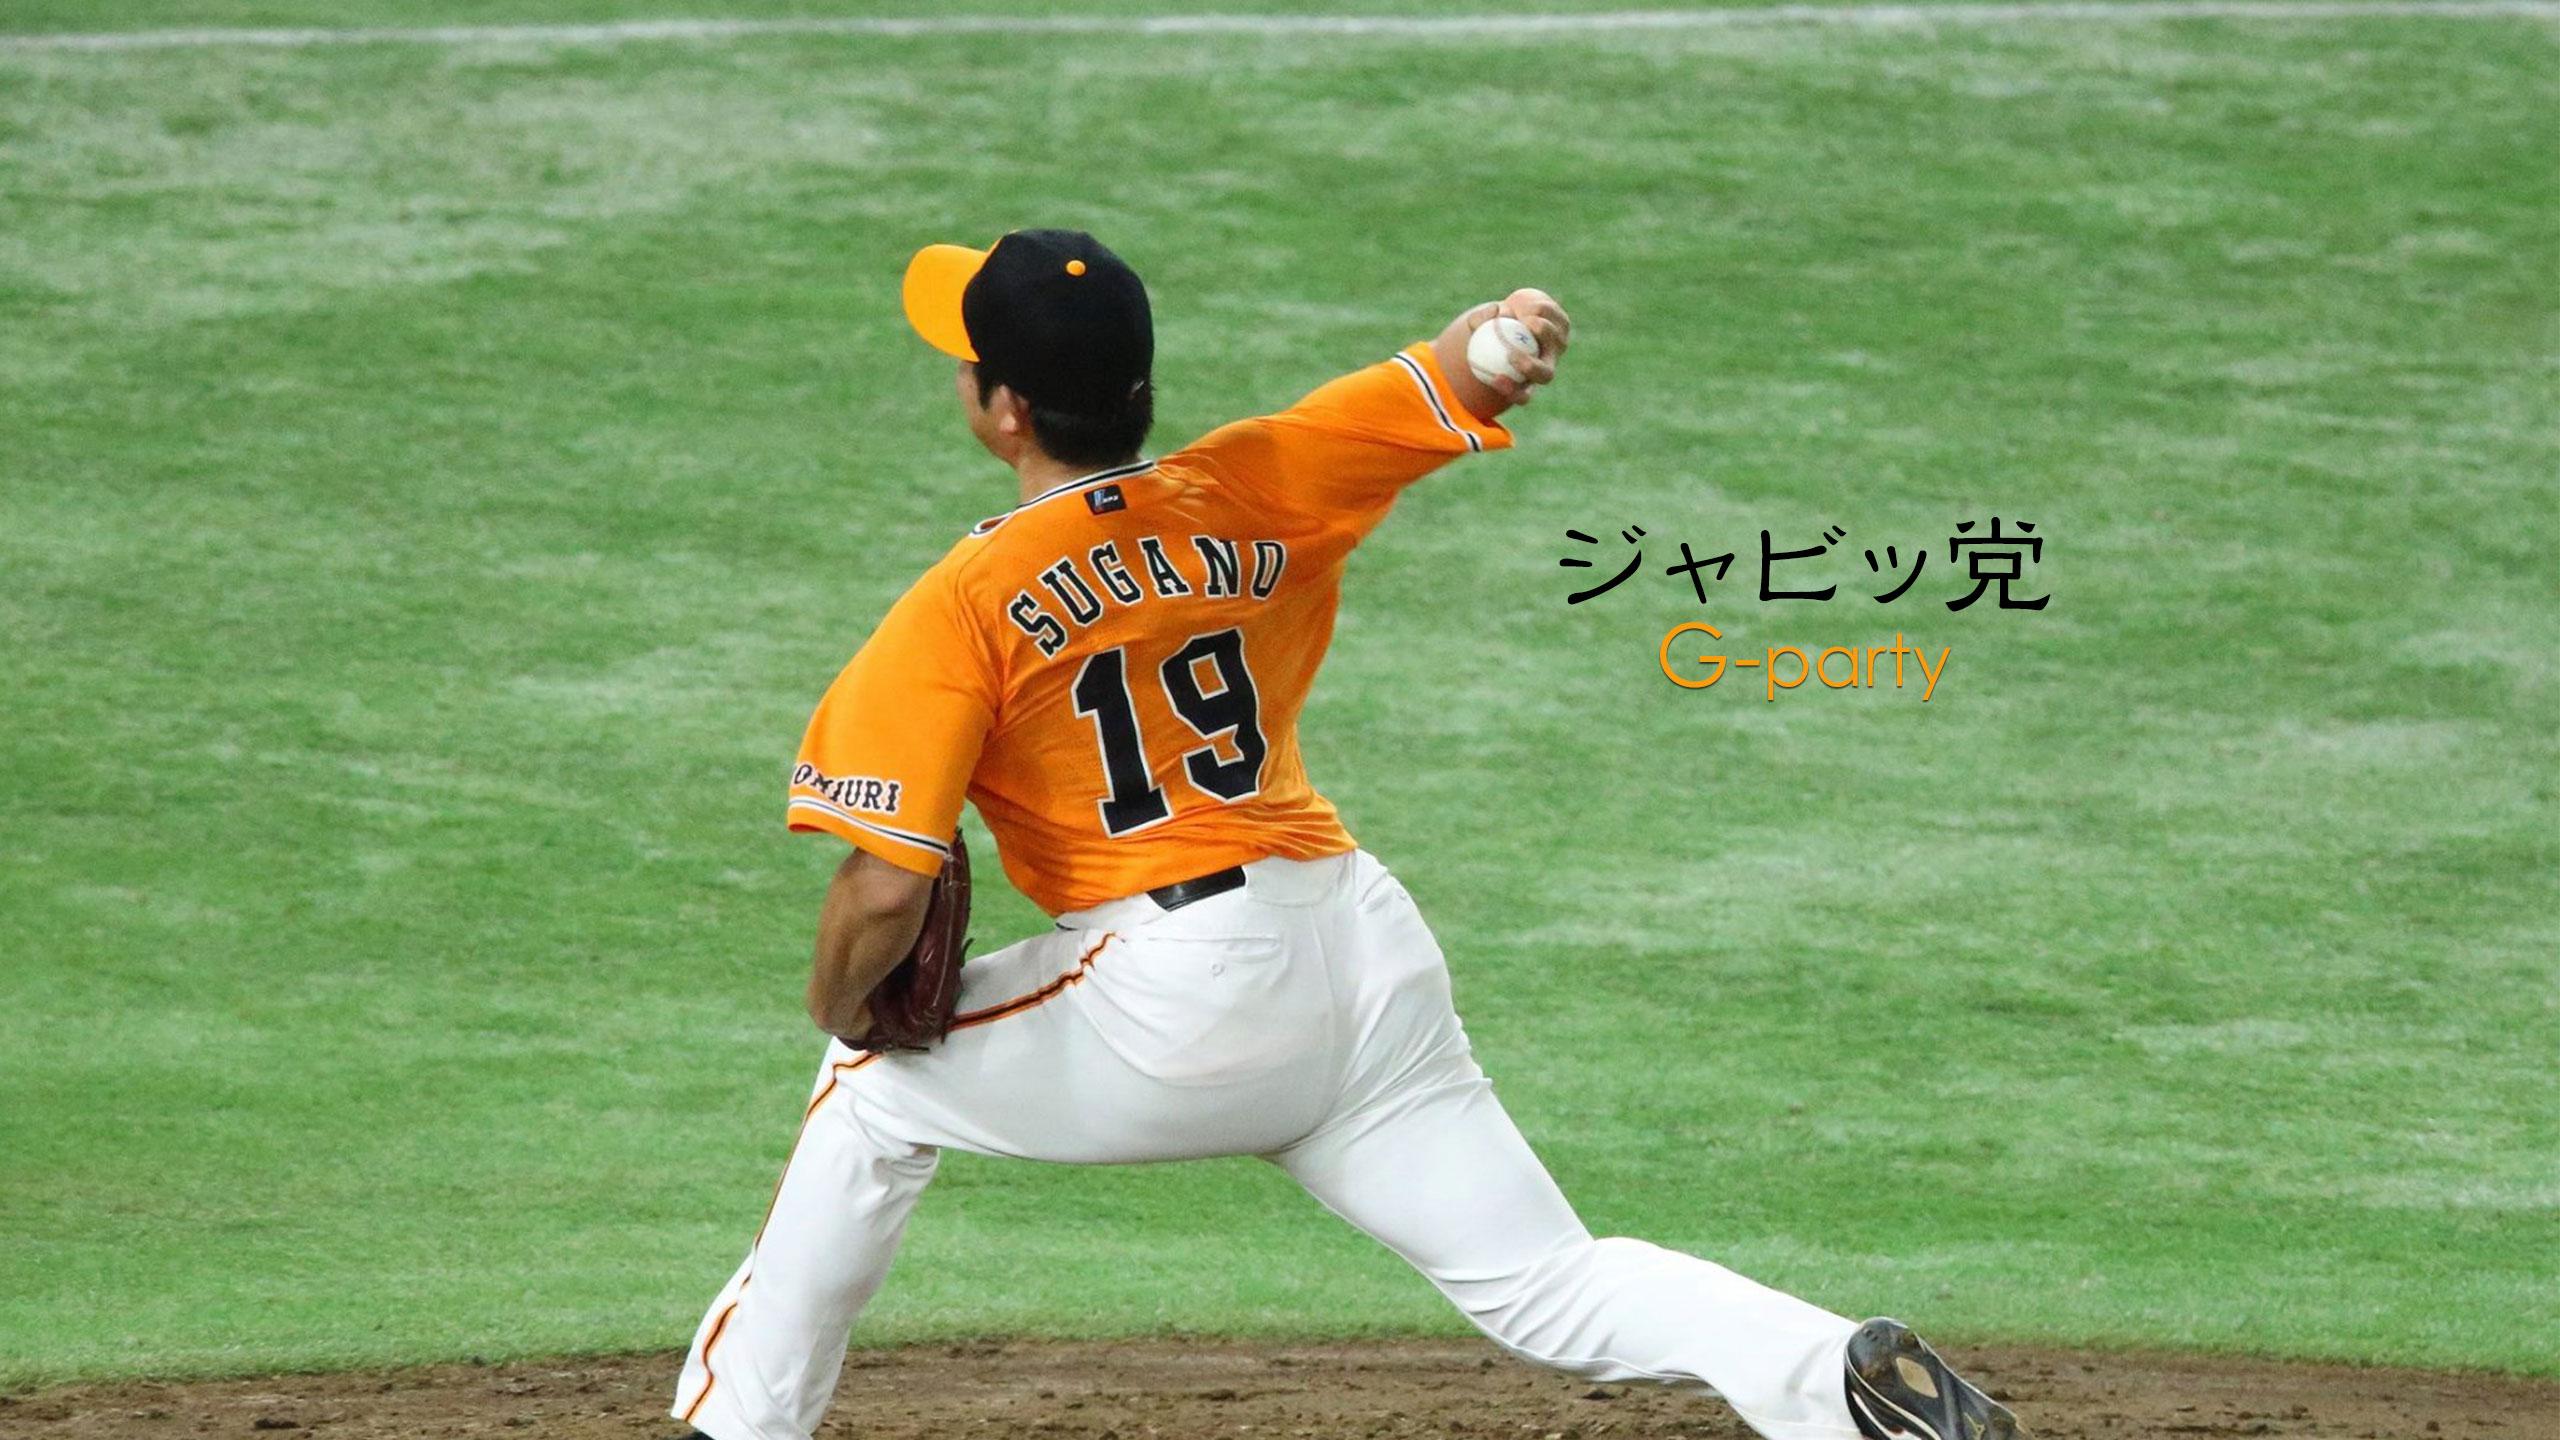 鉄壁の虎の中継ぎ陣を攻略し完勝!台風が来る前に日本シリーズ進出を決めてしまえ!